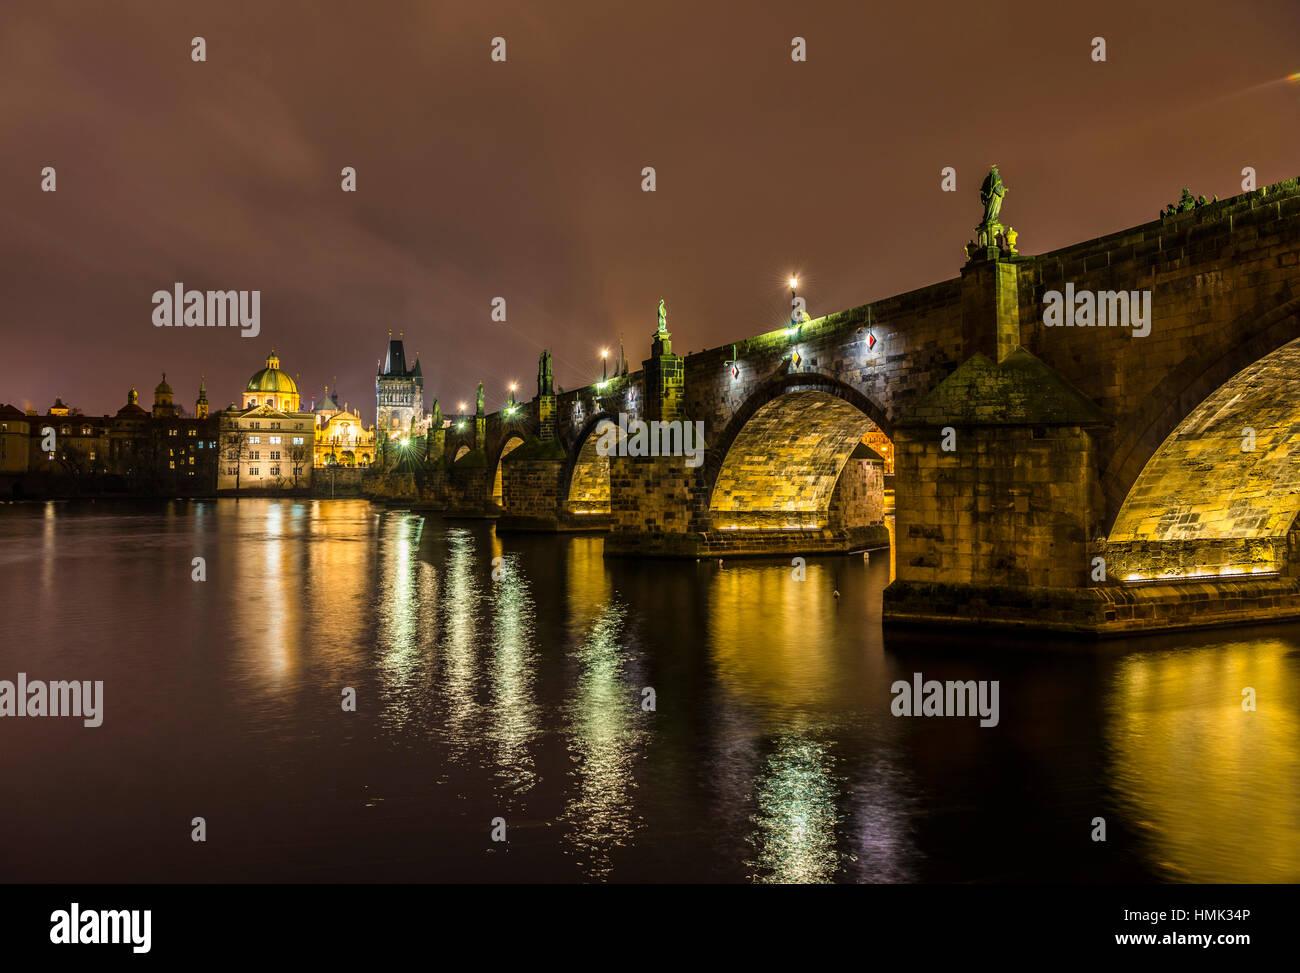 Moldavia, el Puente de Carlos, la Torre del Puente, escenas nocturnas, el centro histórico de Praga, Bohemia, Imagen De Stock